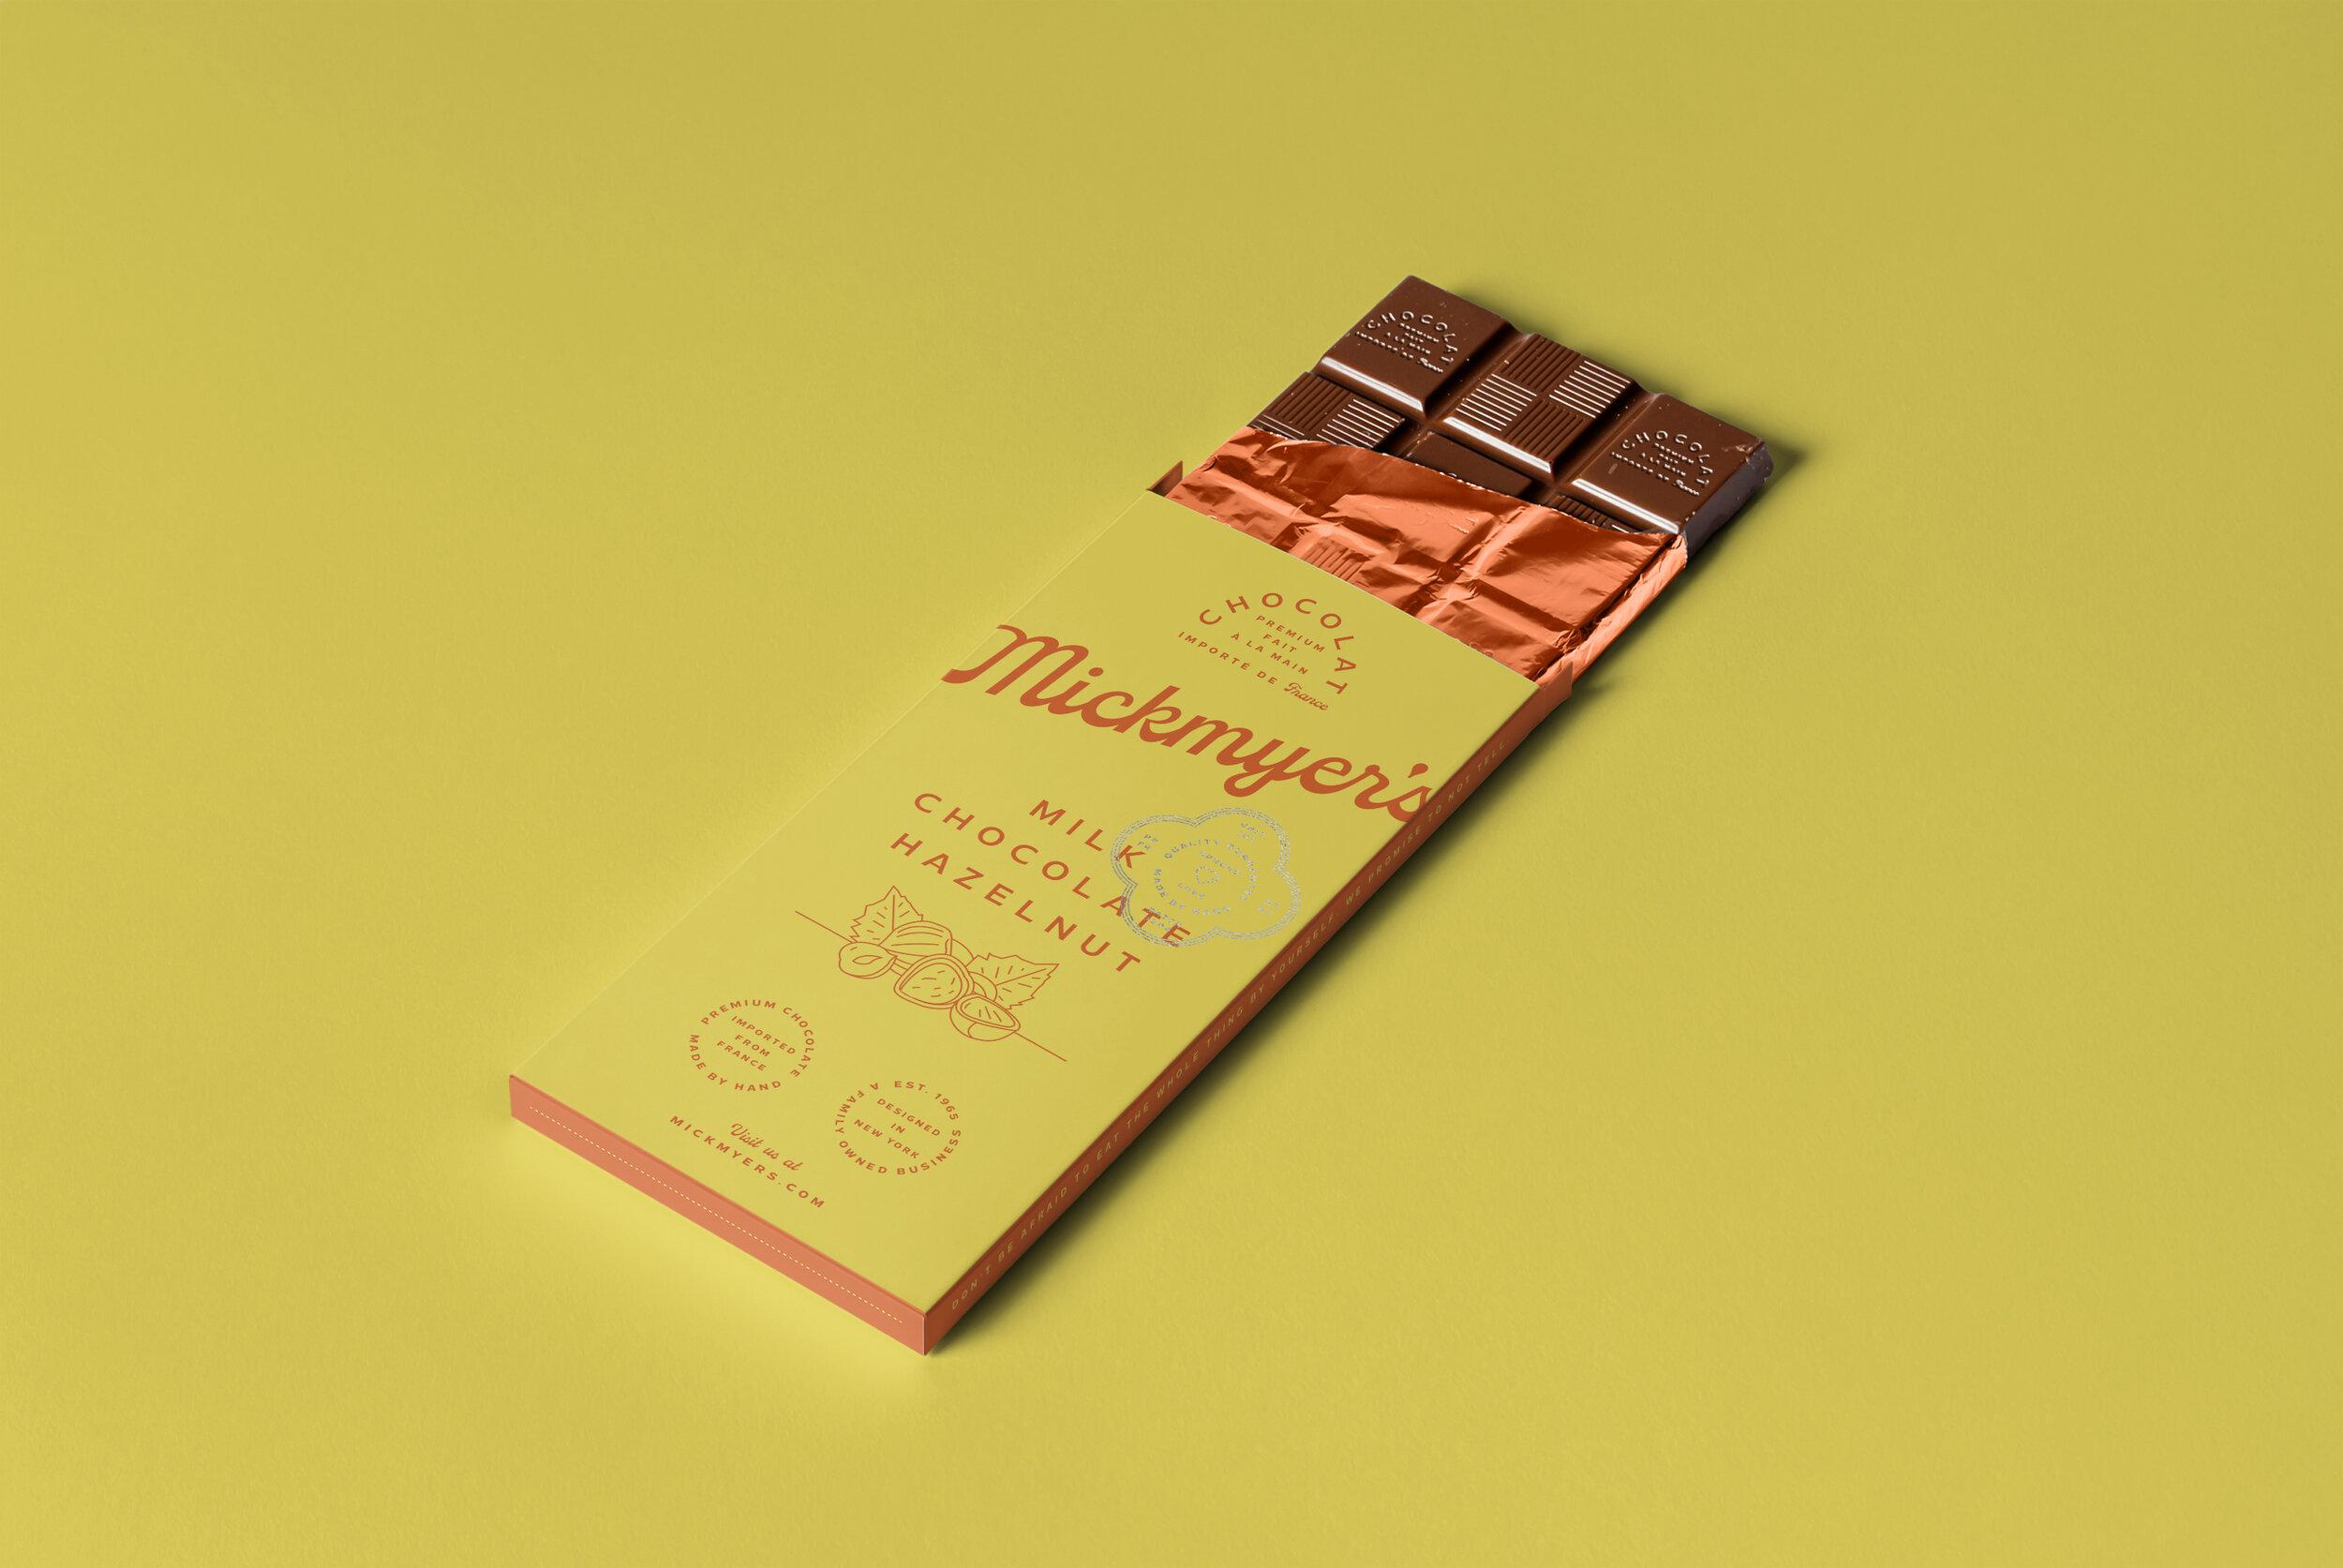 Mickmyers-Packaging-Persp3.jpg